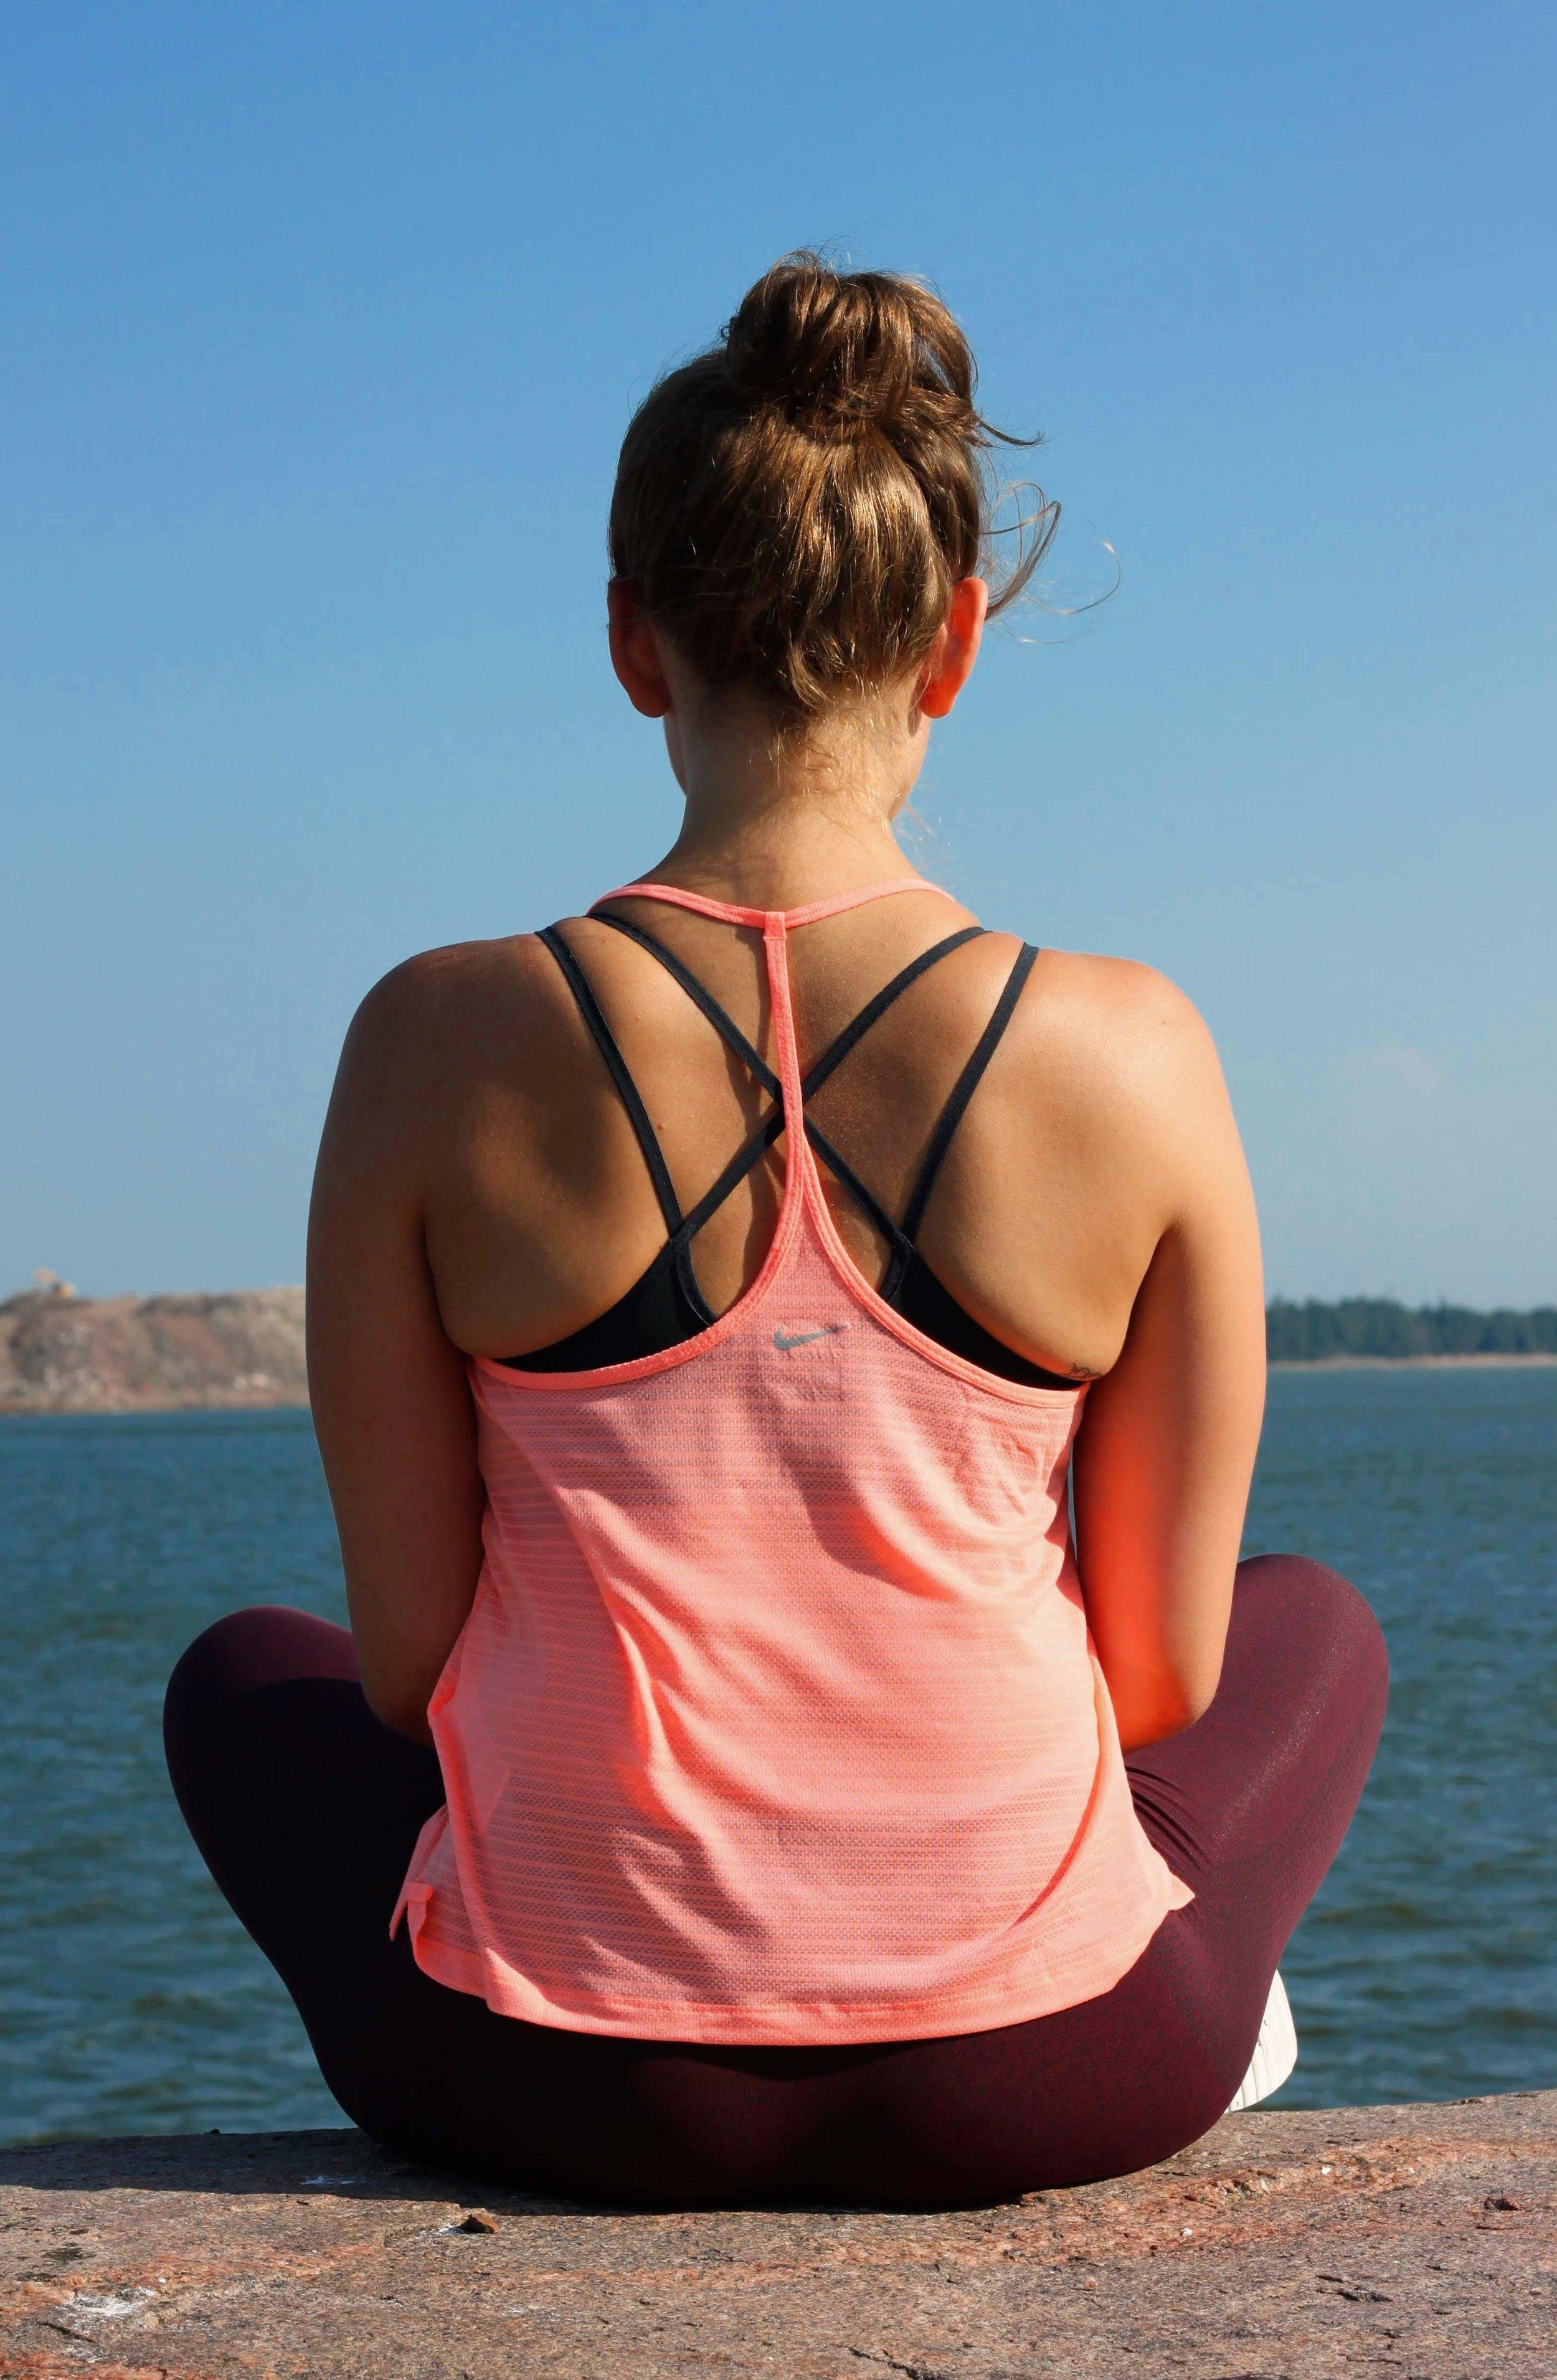 Tärkein oppi, - Muista antaa itsellesi aikaa ja ole itsellesi armollinen, kun aloitat tietoisen läsnäolon harjoittelun.